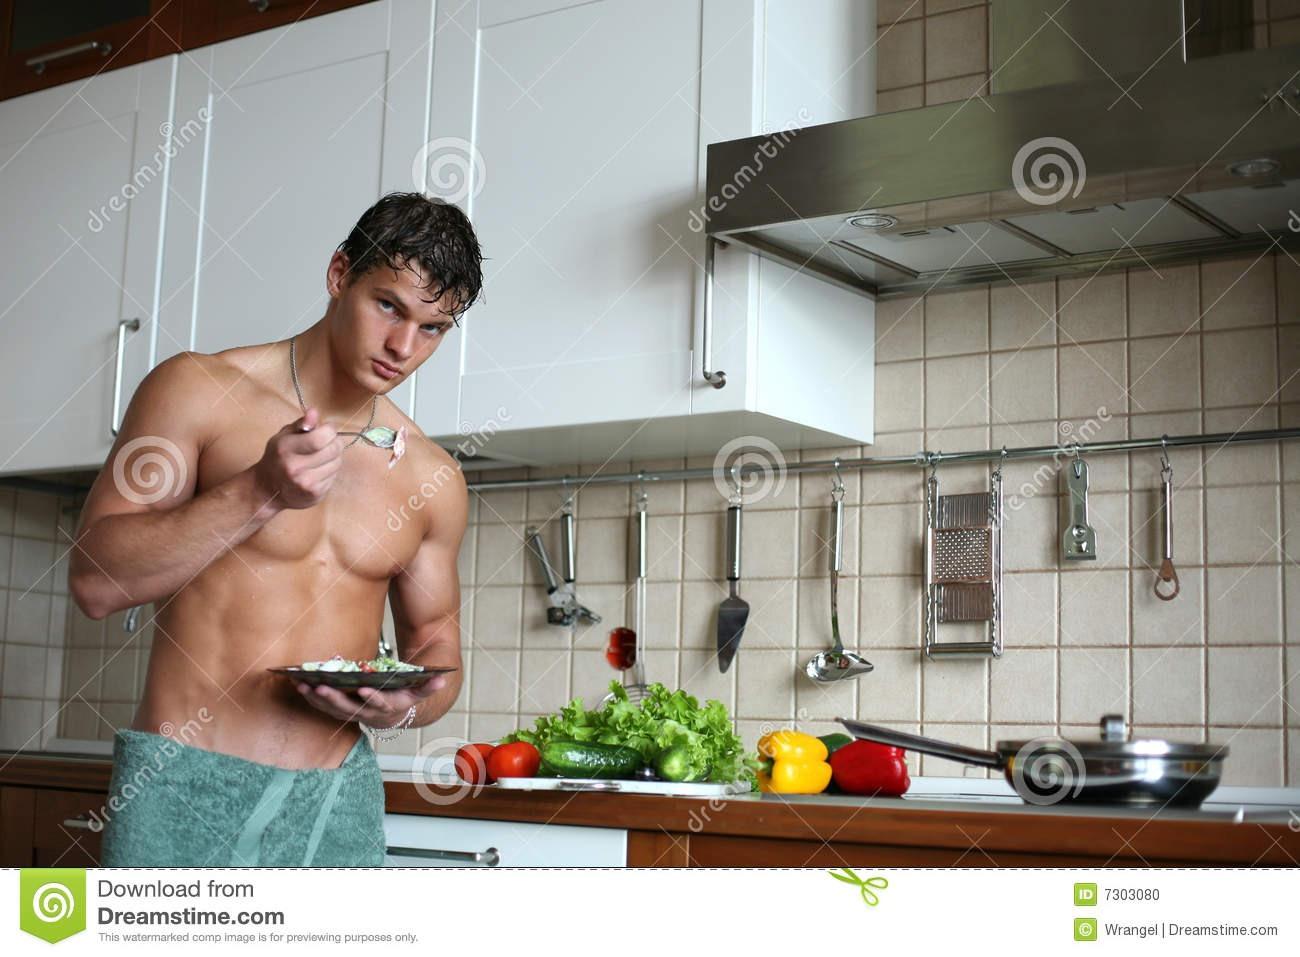 Порно на кухне онлайн, секс на кухне на 24 видео